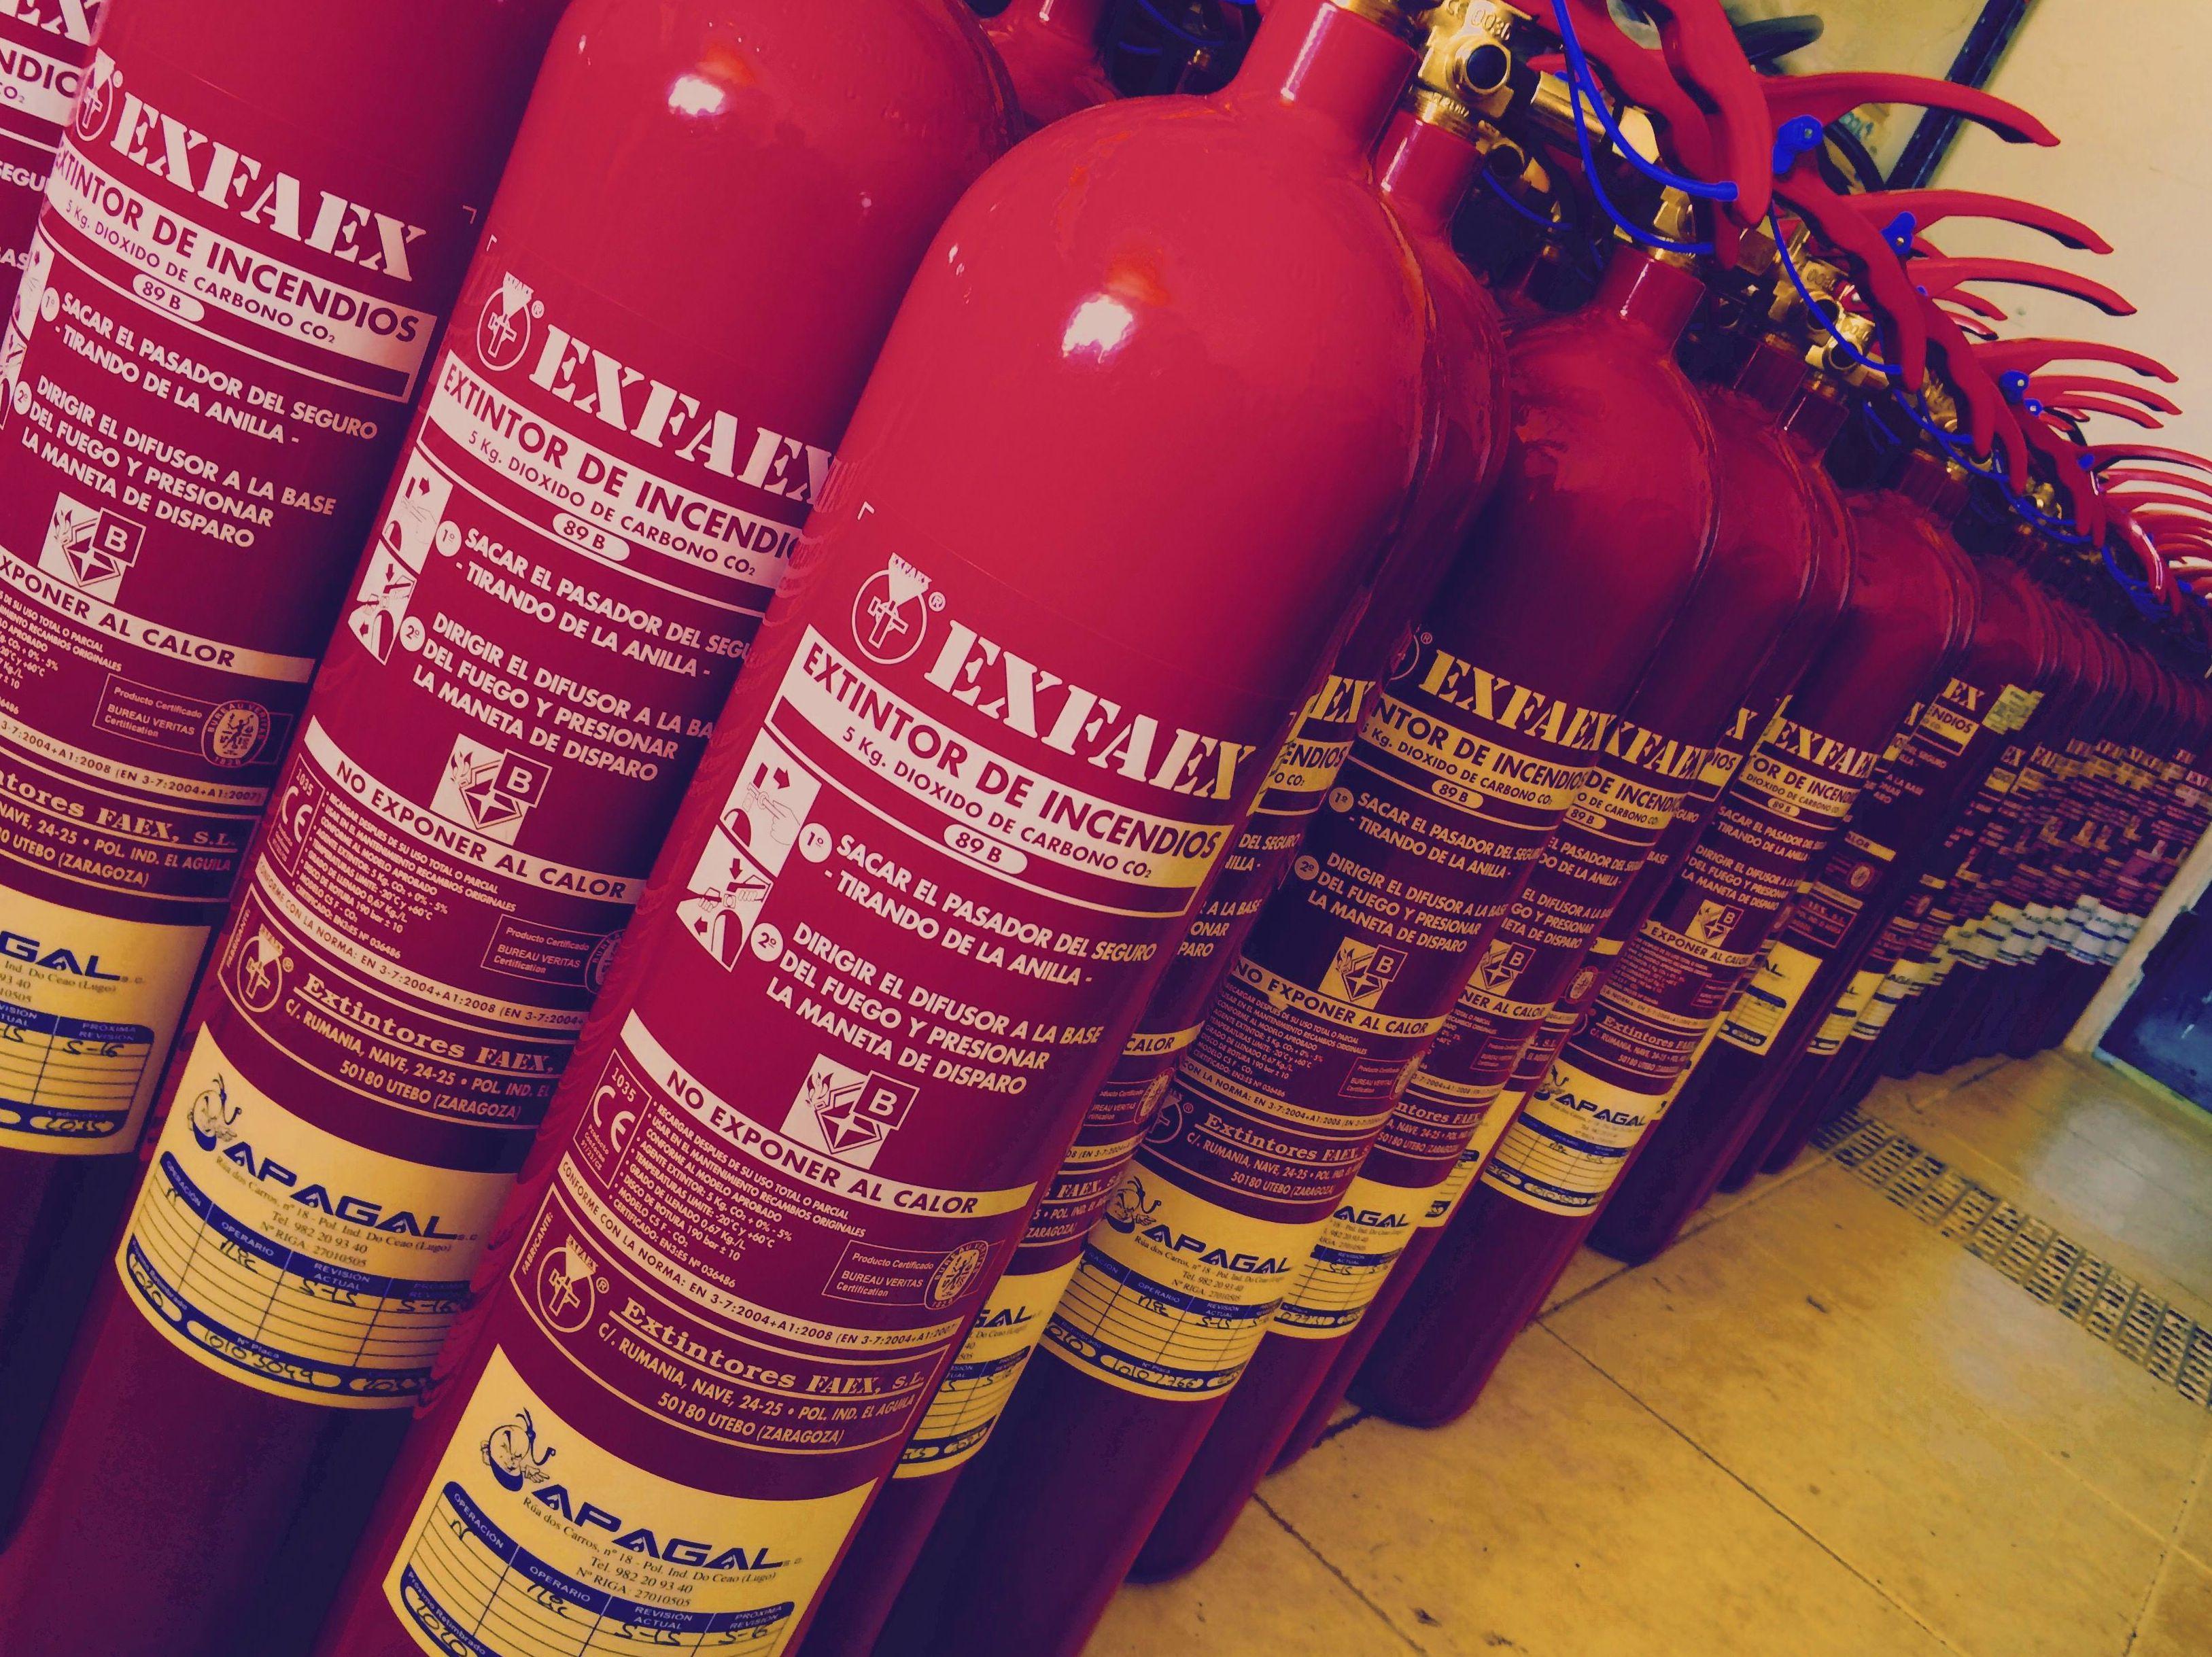 Foto 7 de Material contra incendios en Lugo | Apagal